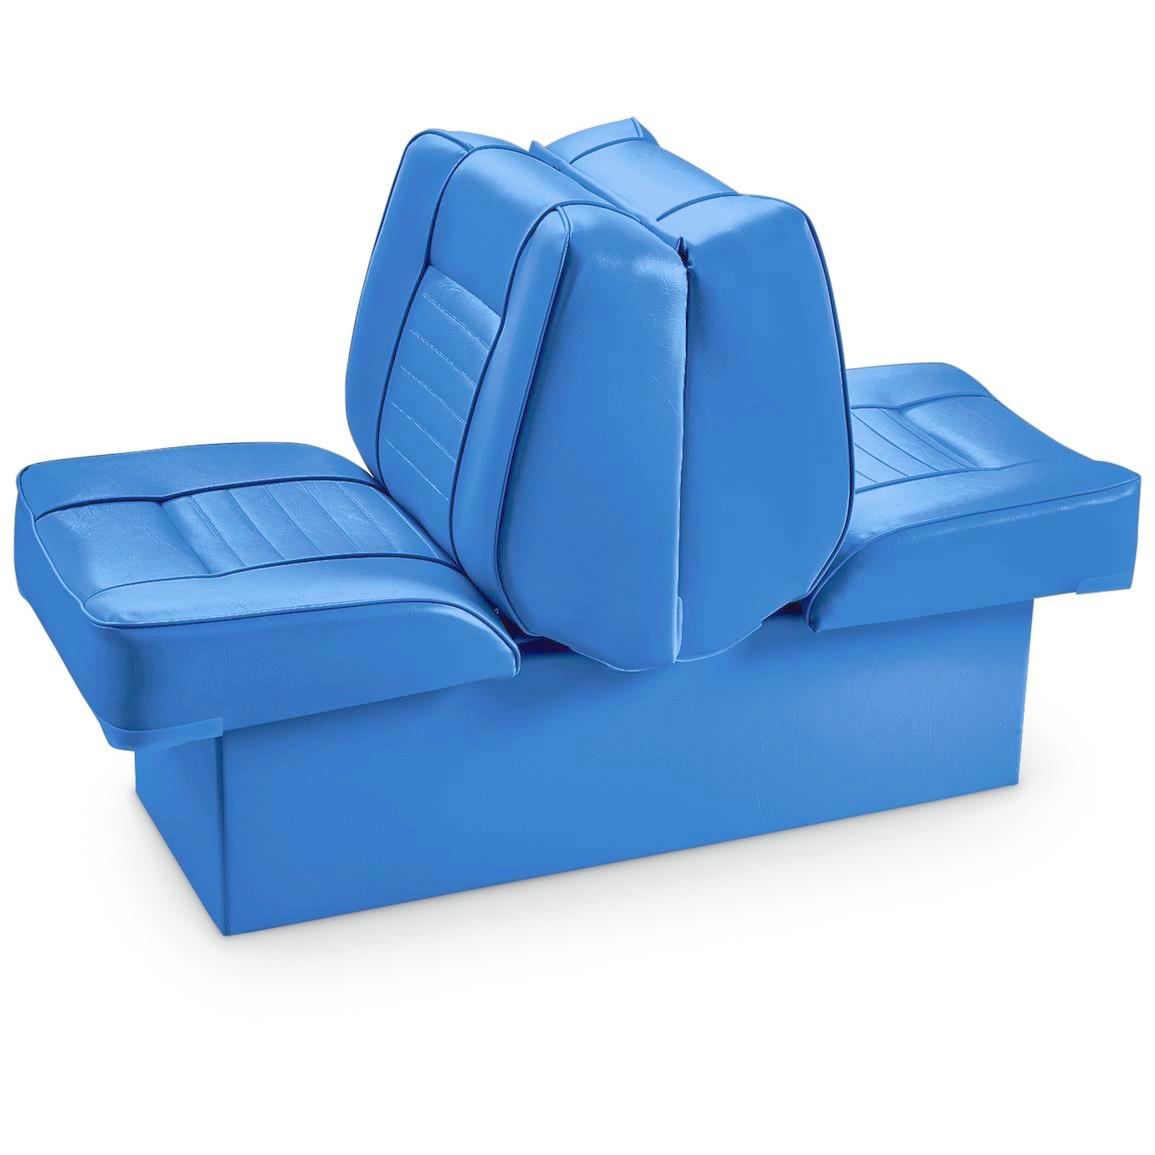 Крісло на тумбі (розкладне) Premium Lounge Seat (блакитний)